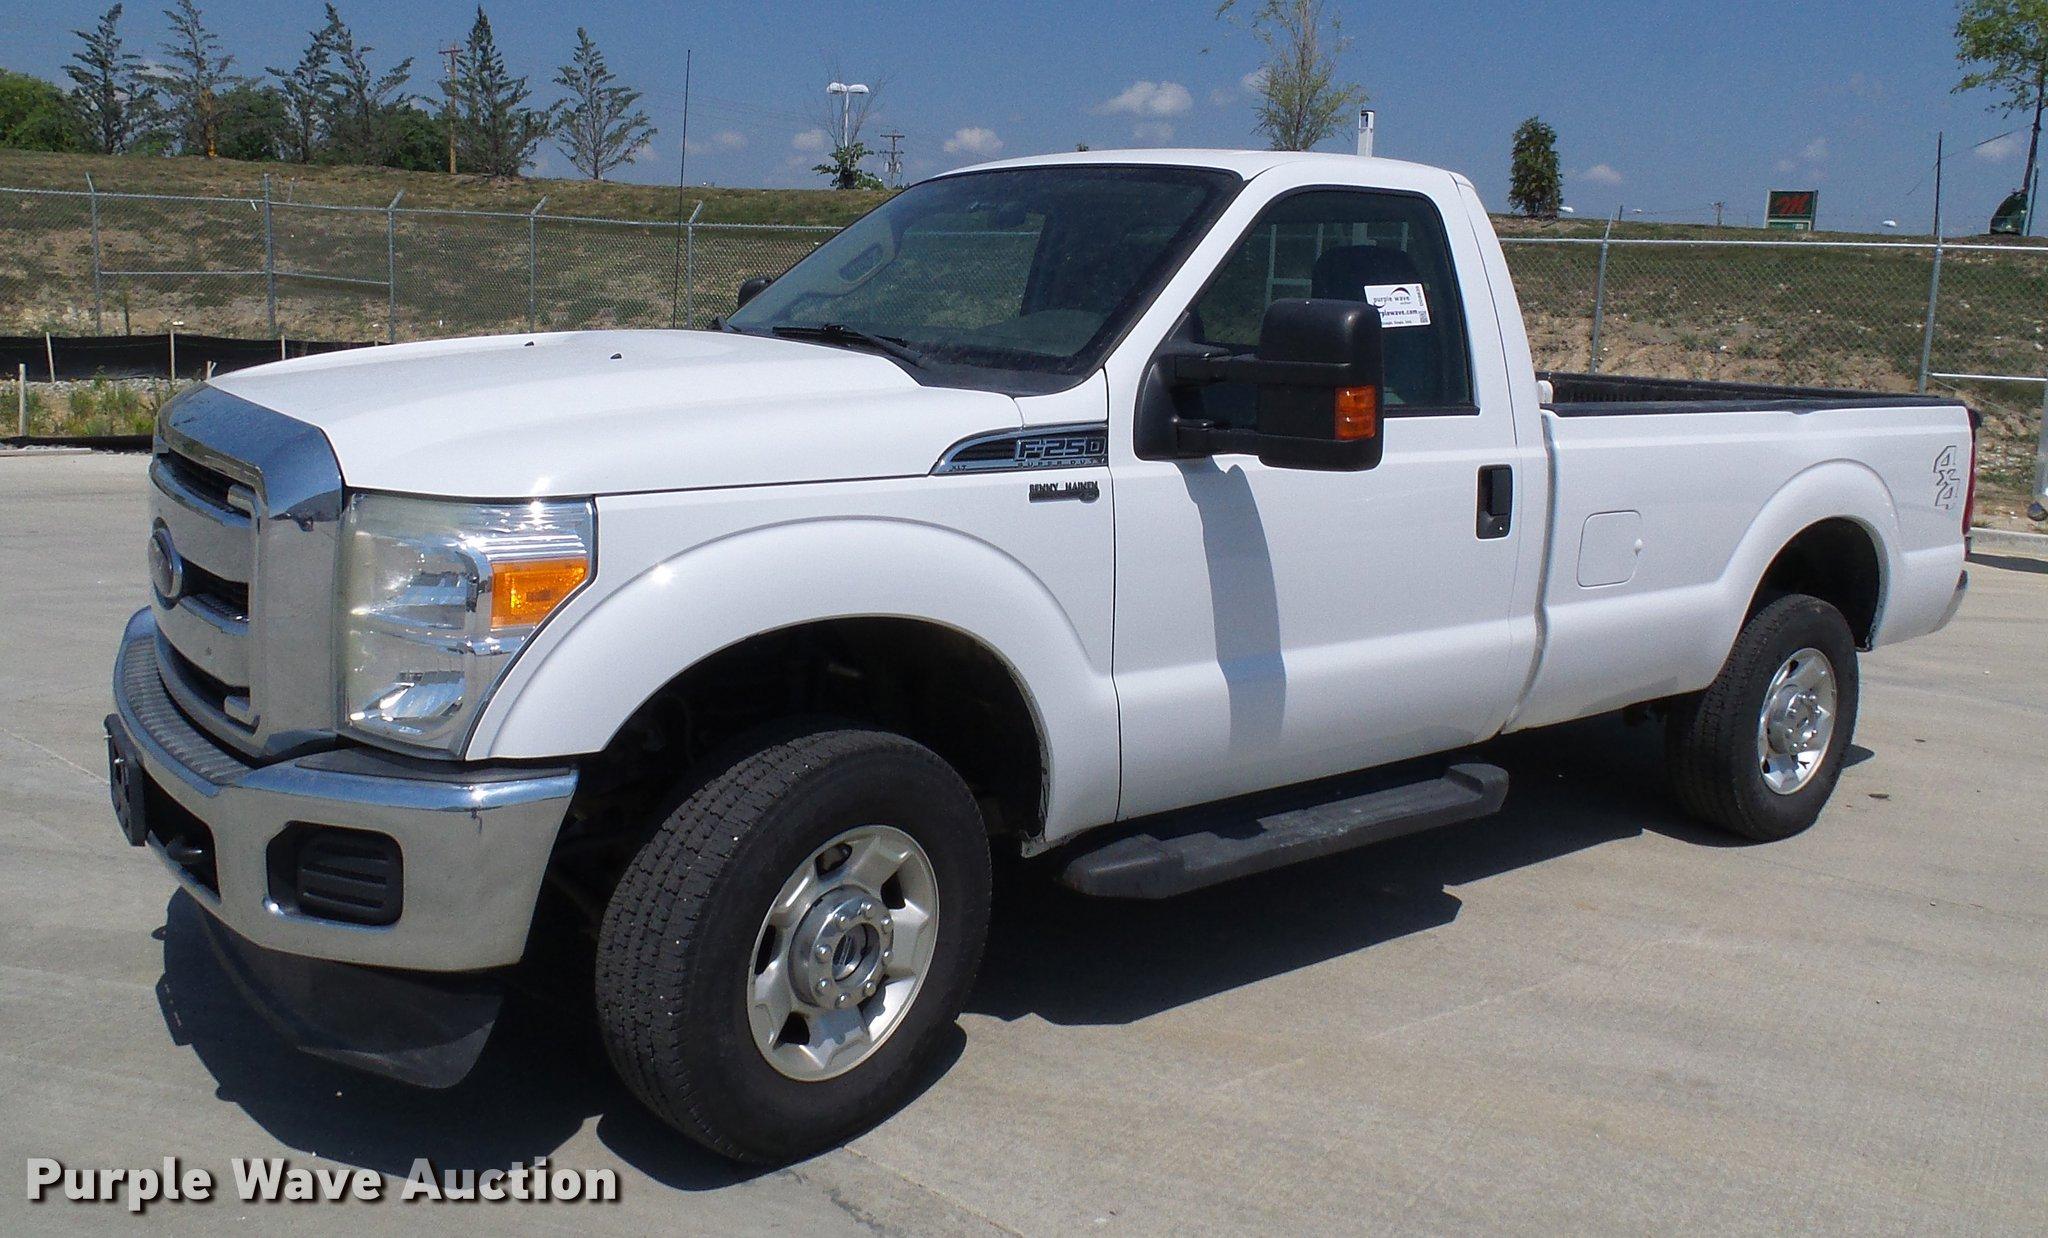 2012 ford f250 super duty pickup truck item dd8635 sold